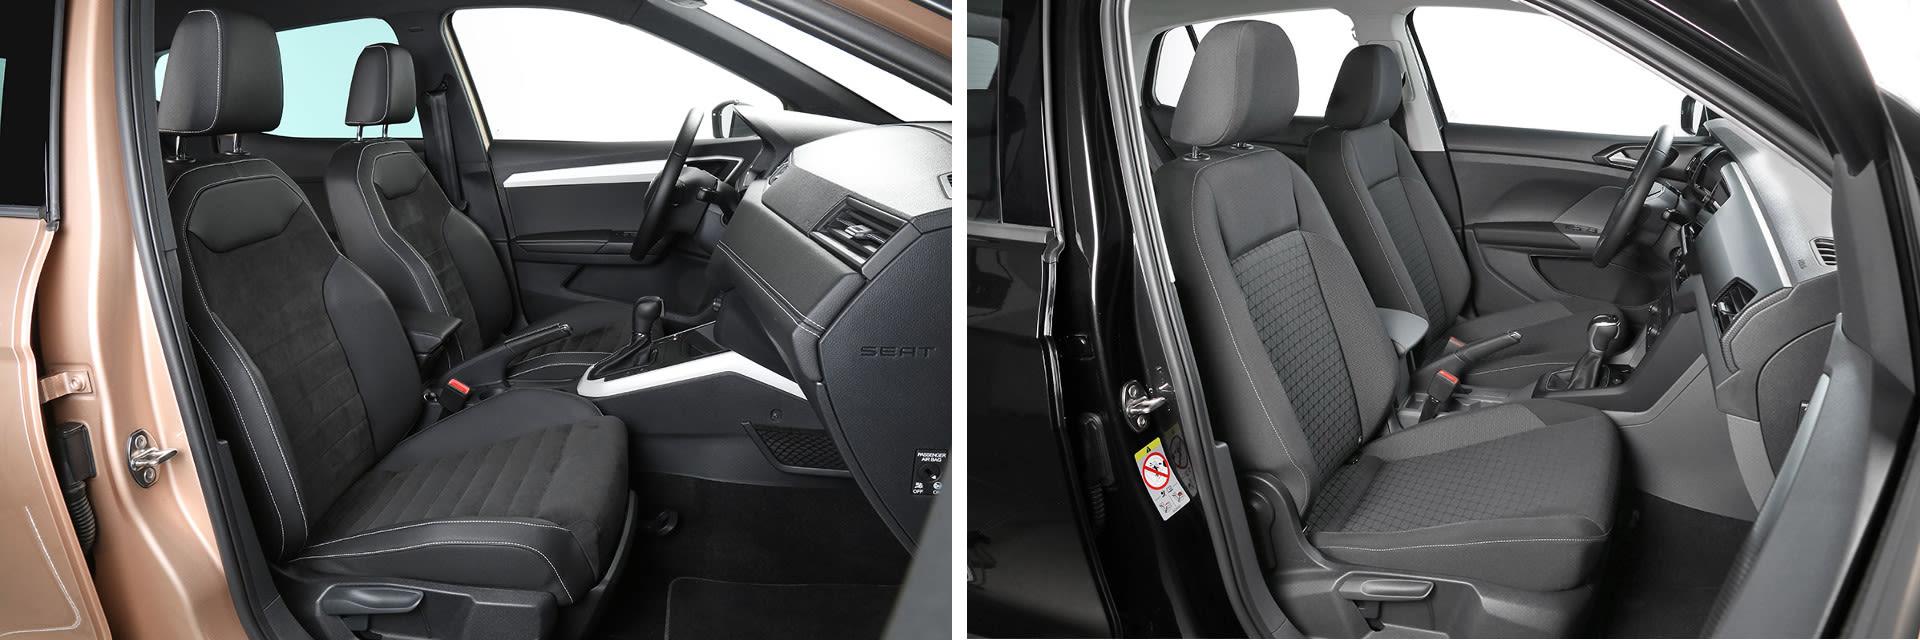 Los asientos de este SEAT Arona (izq.) son opcionales y tienen un coste adicional de 450 €; los del T-Cross (dcha.) son los de serie. / km77